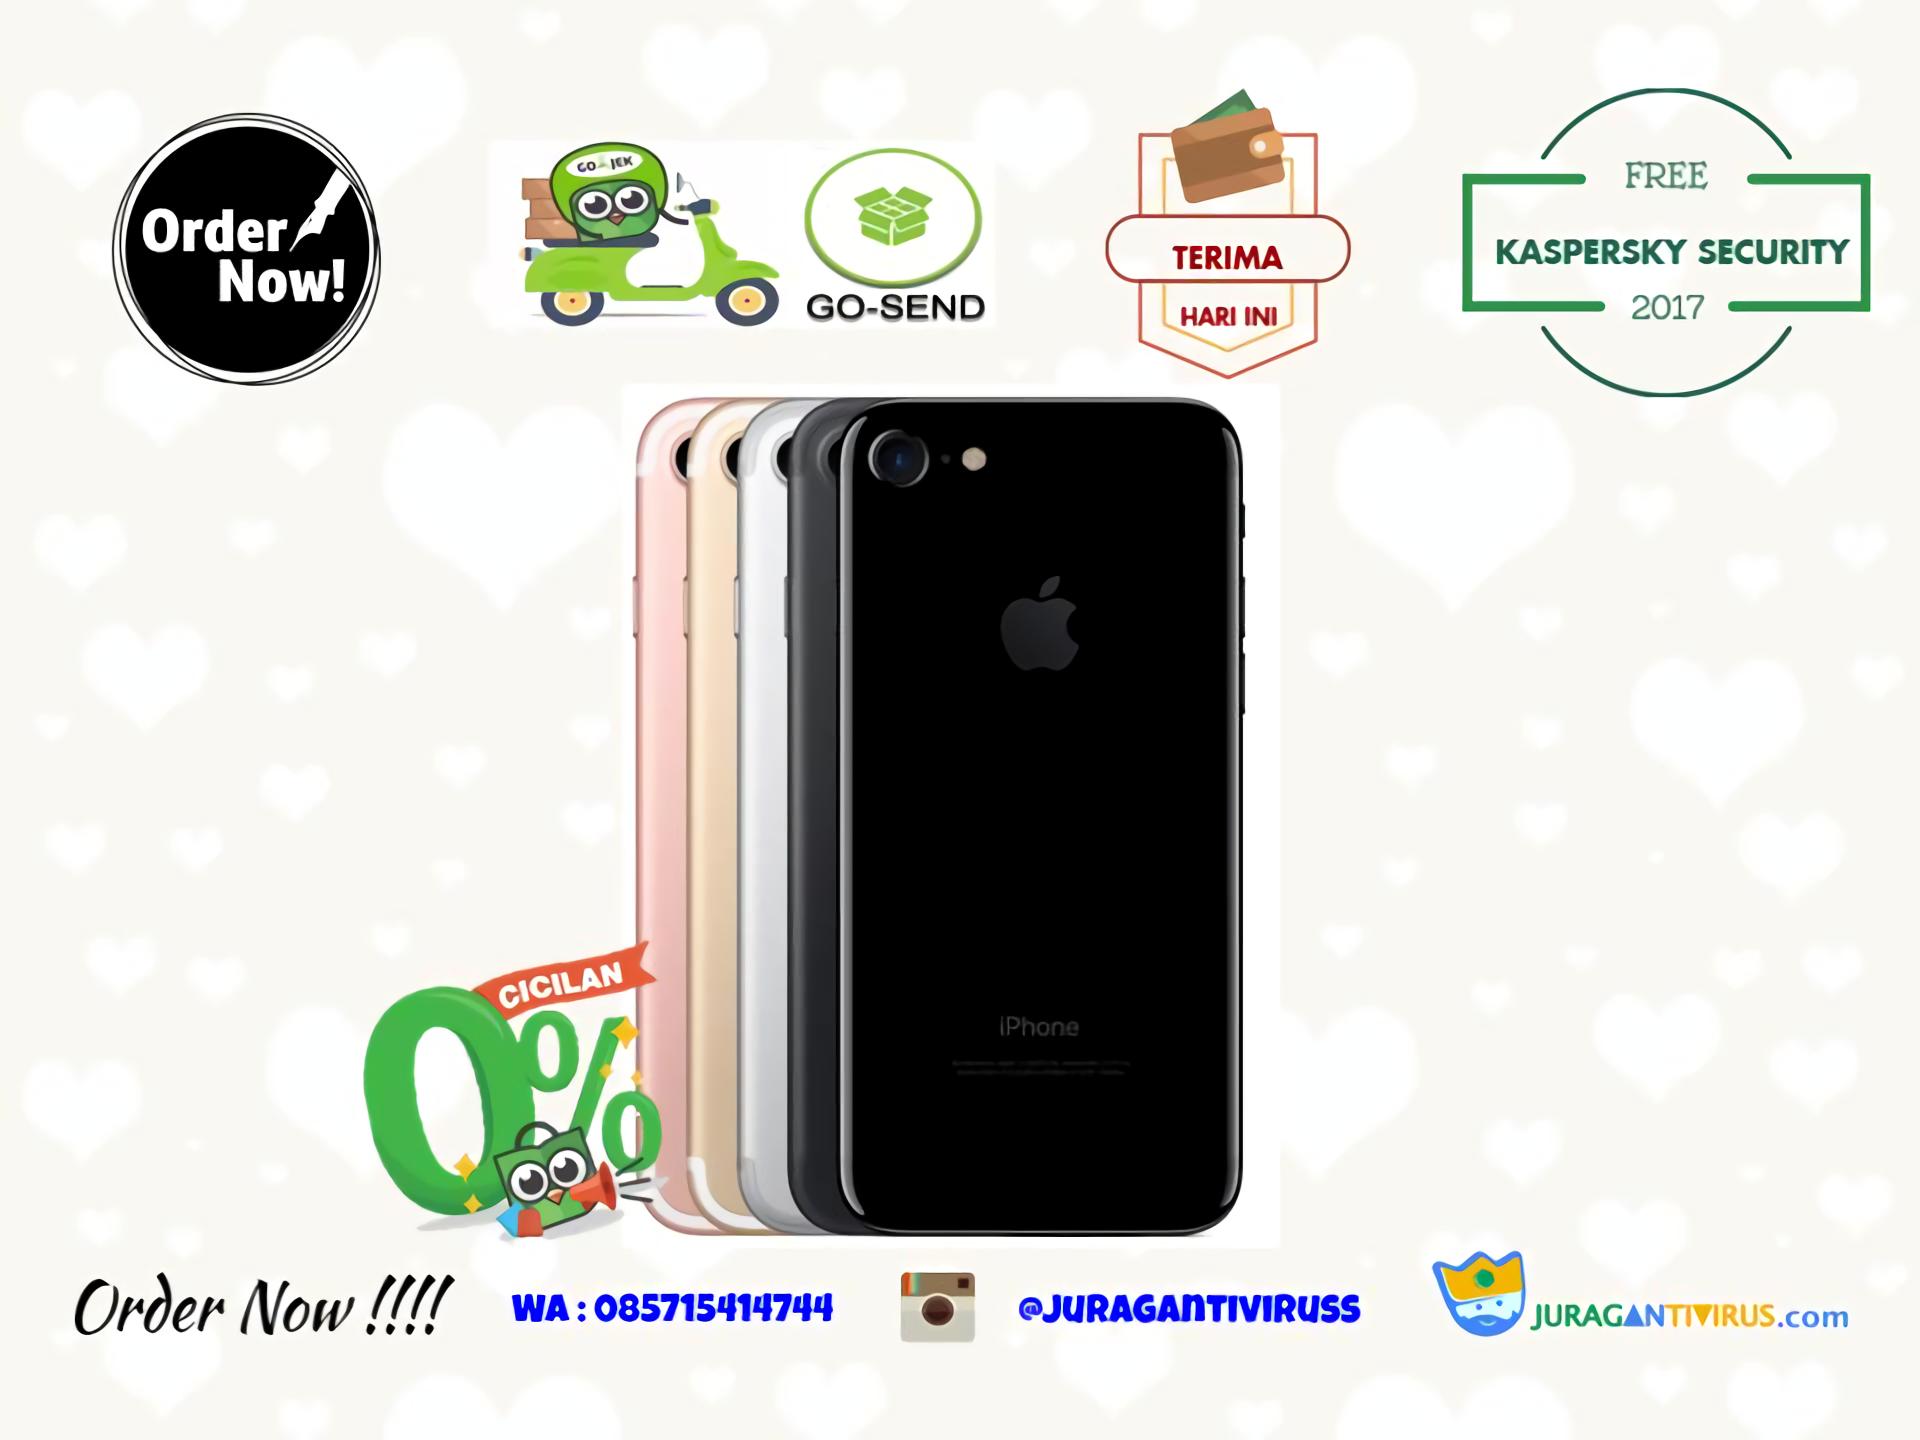 Iphone 7 32 Gb Bnib Gojek Ready Garansi International 1 Tahun 5 32gb Murah Bisa Cicilan 0